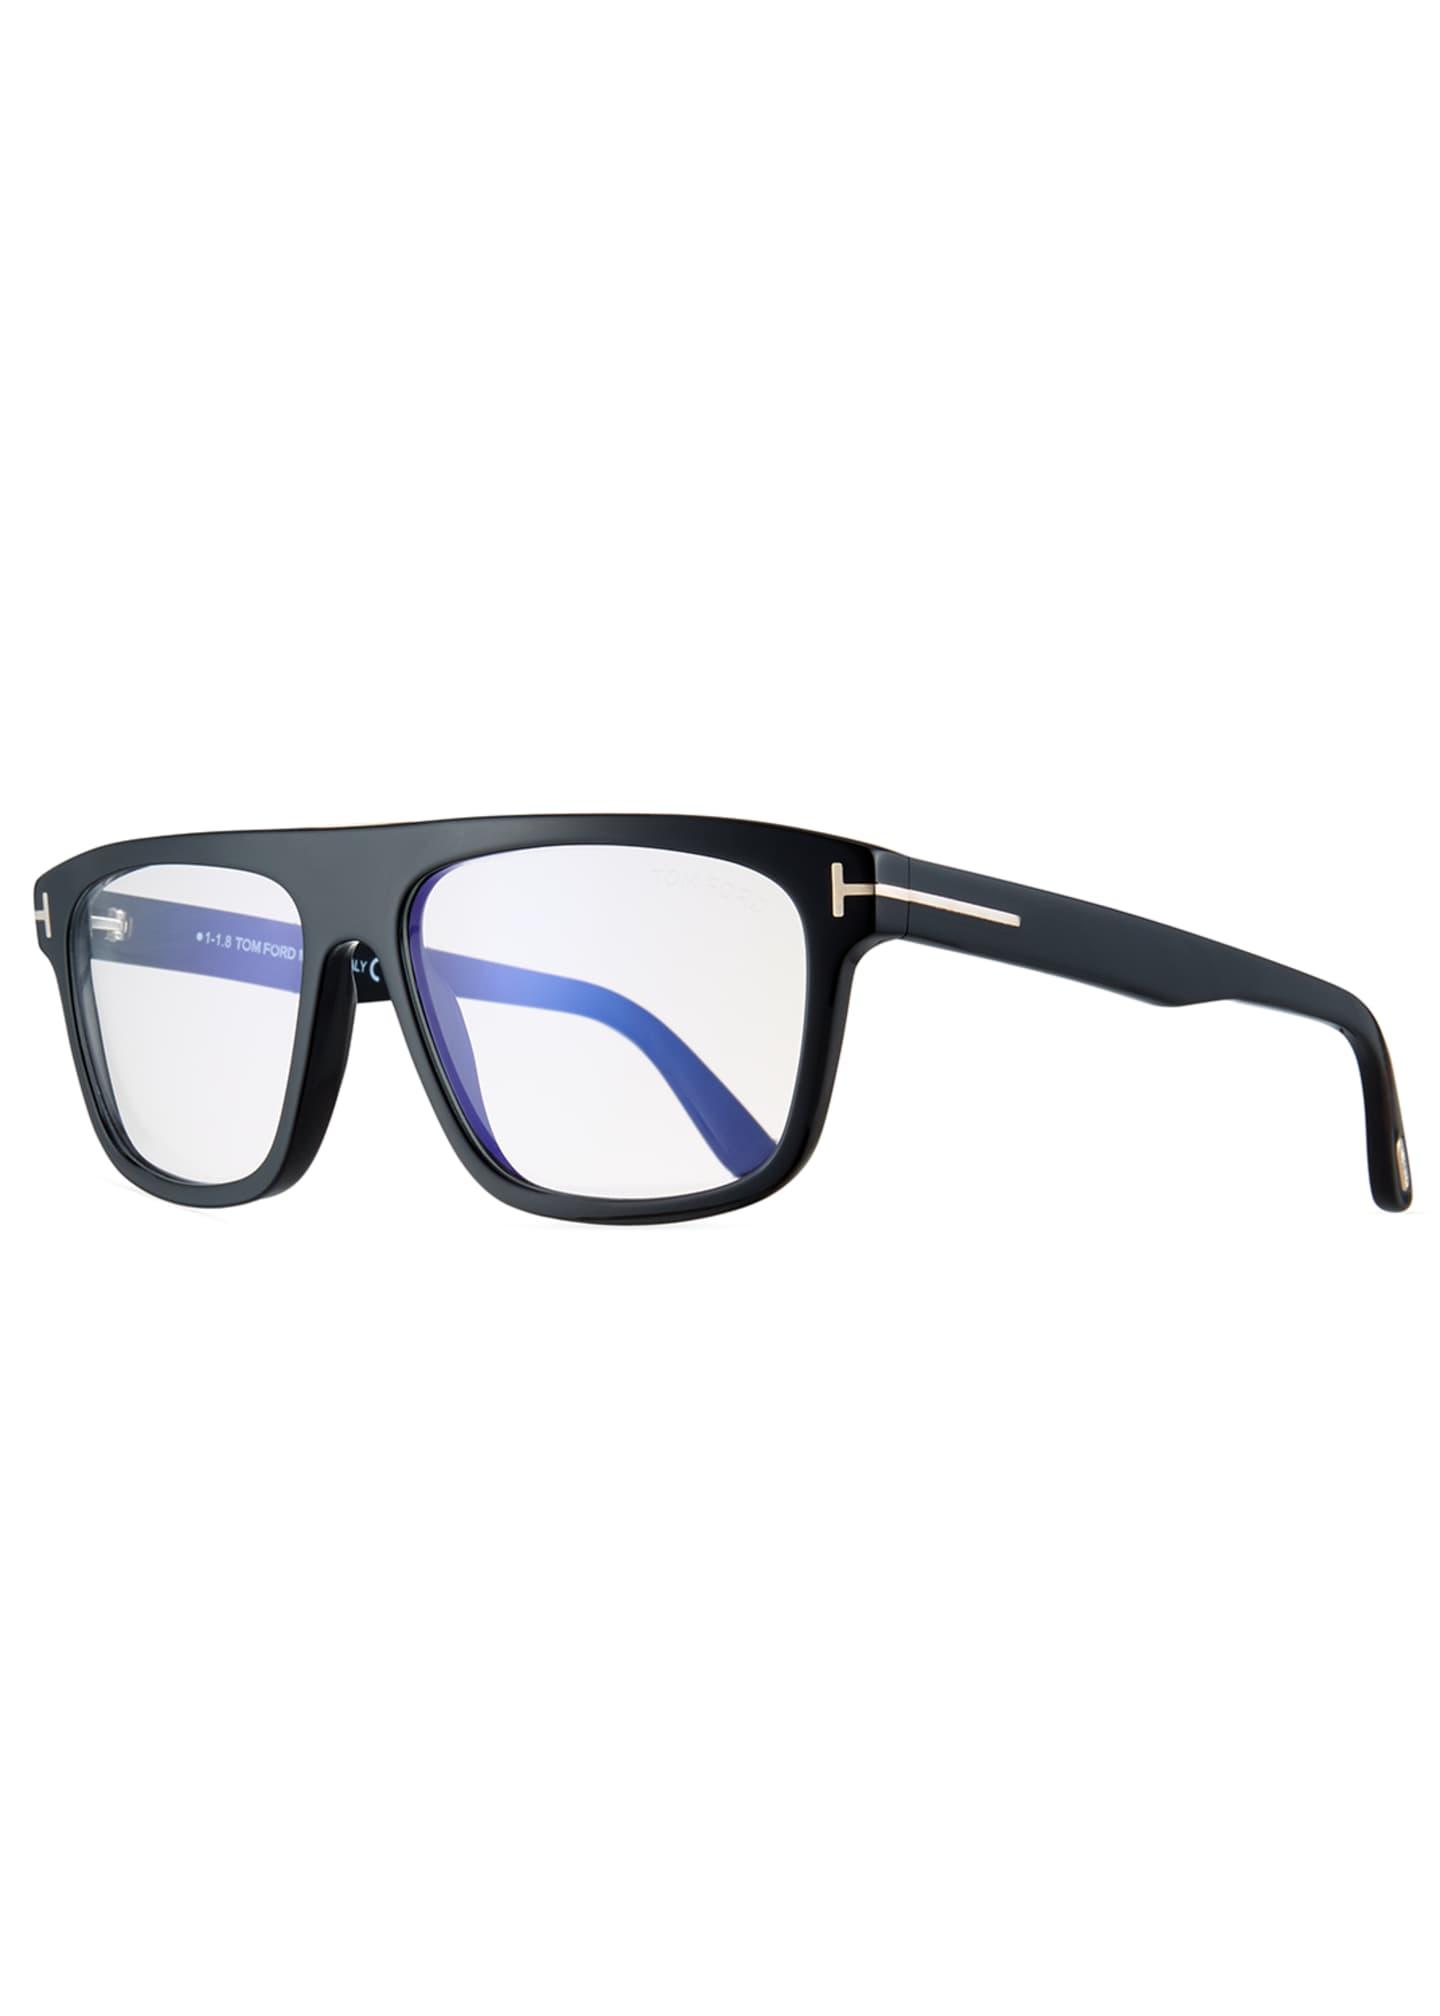 TOM FORD Men's Rectangular Acetate Eyeglasses, Black